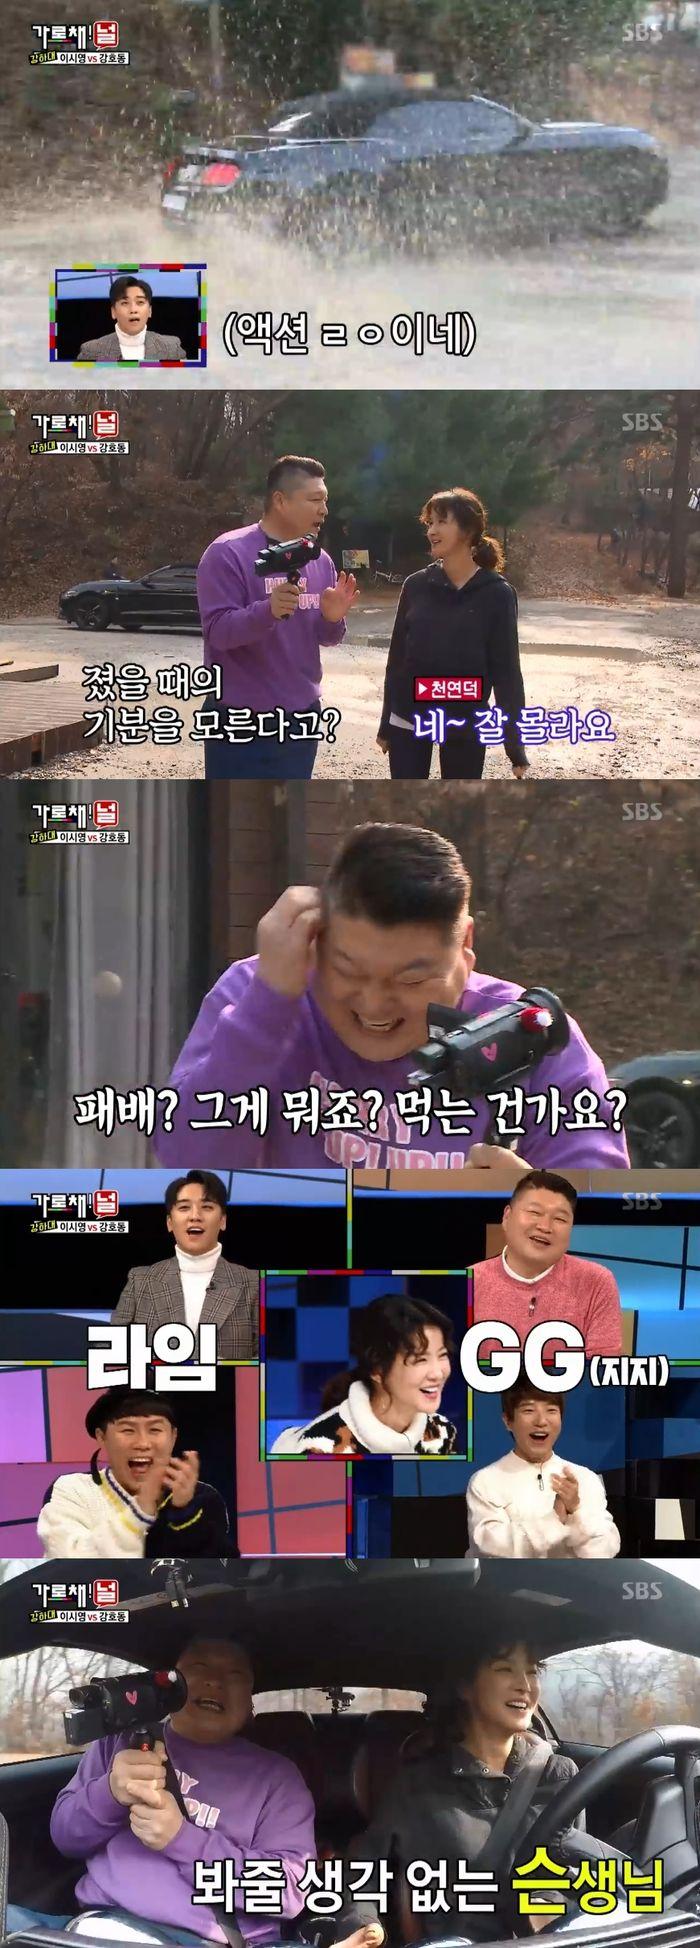 """'가로채널' 이시영, 드리프트 시범…강호동 """"영혼이 탈탈 털리는 기분""""  기본이미지"""